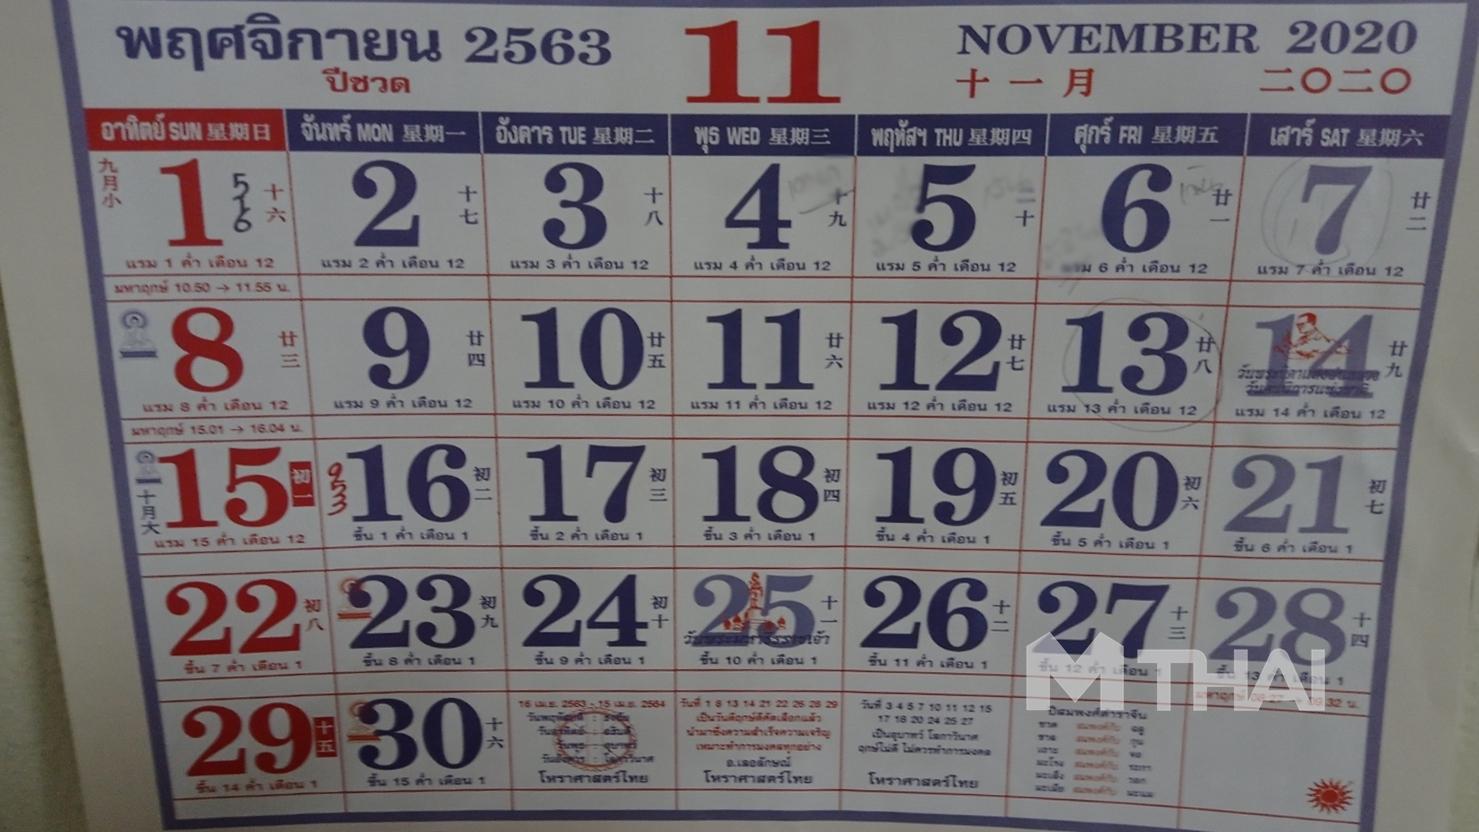 วันหยุดชดเชย วันหยุดเดือนธันวาคม 2563 วันหยุดเดือนพฤศจิกายน 2563